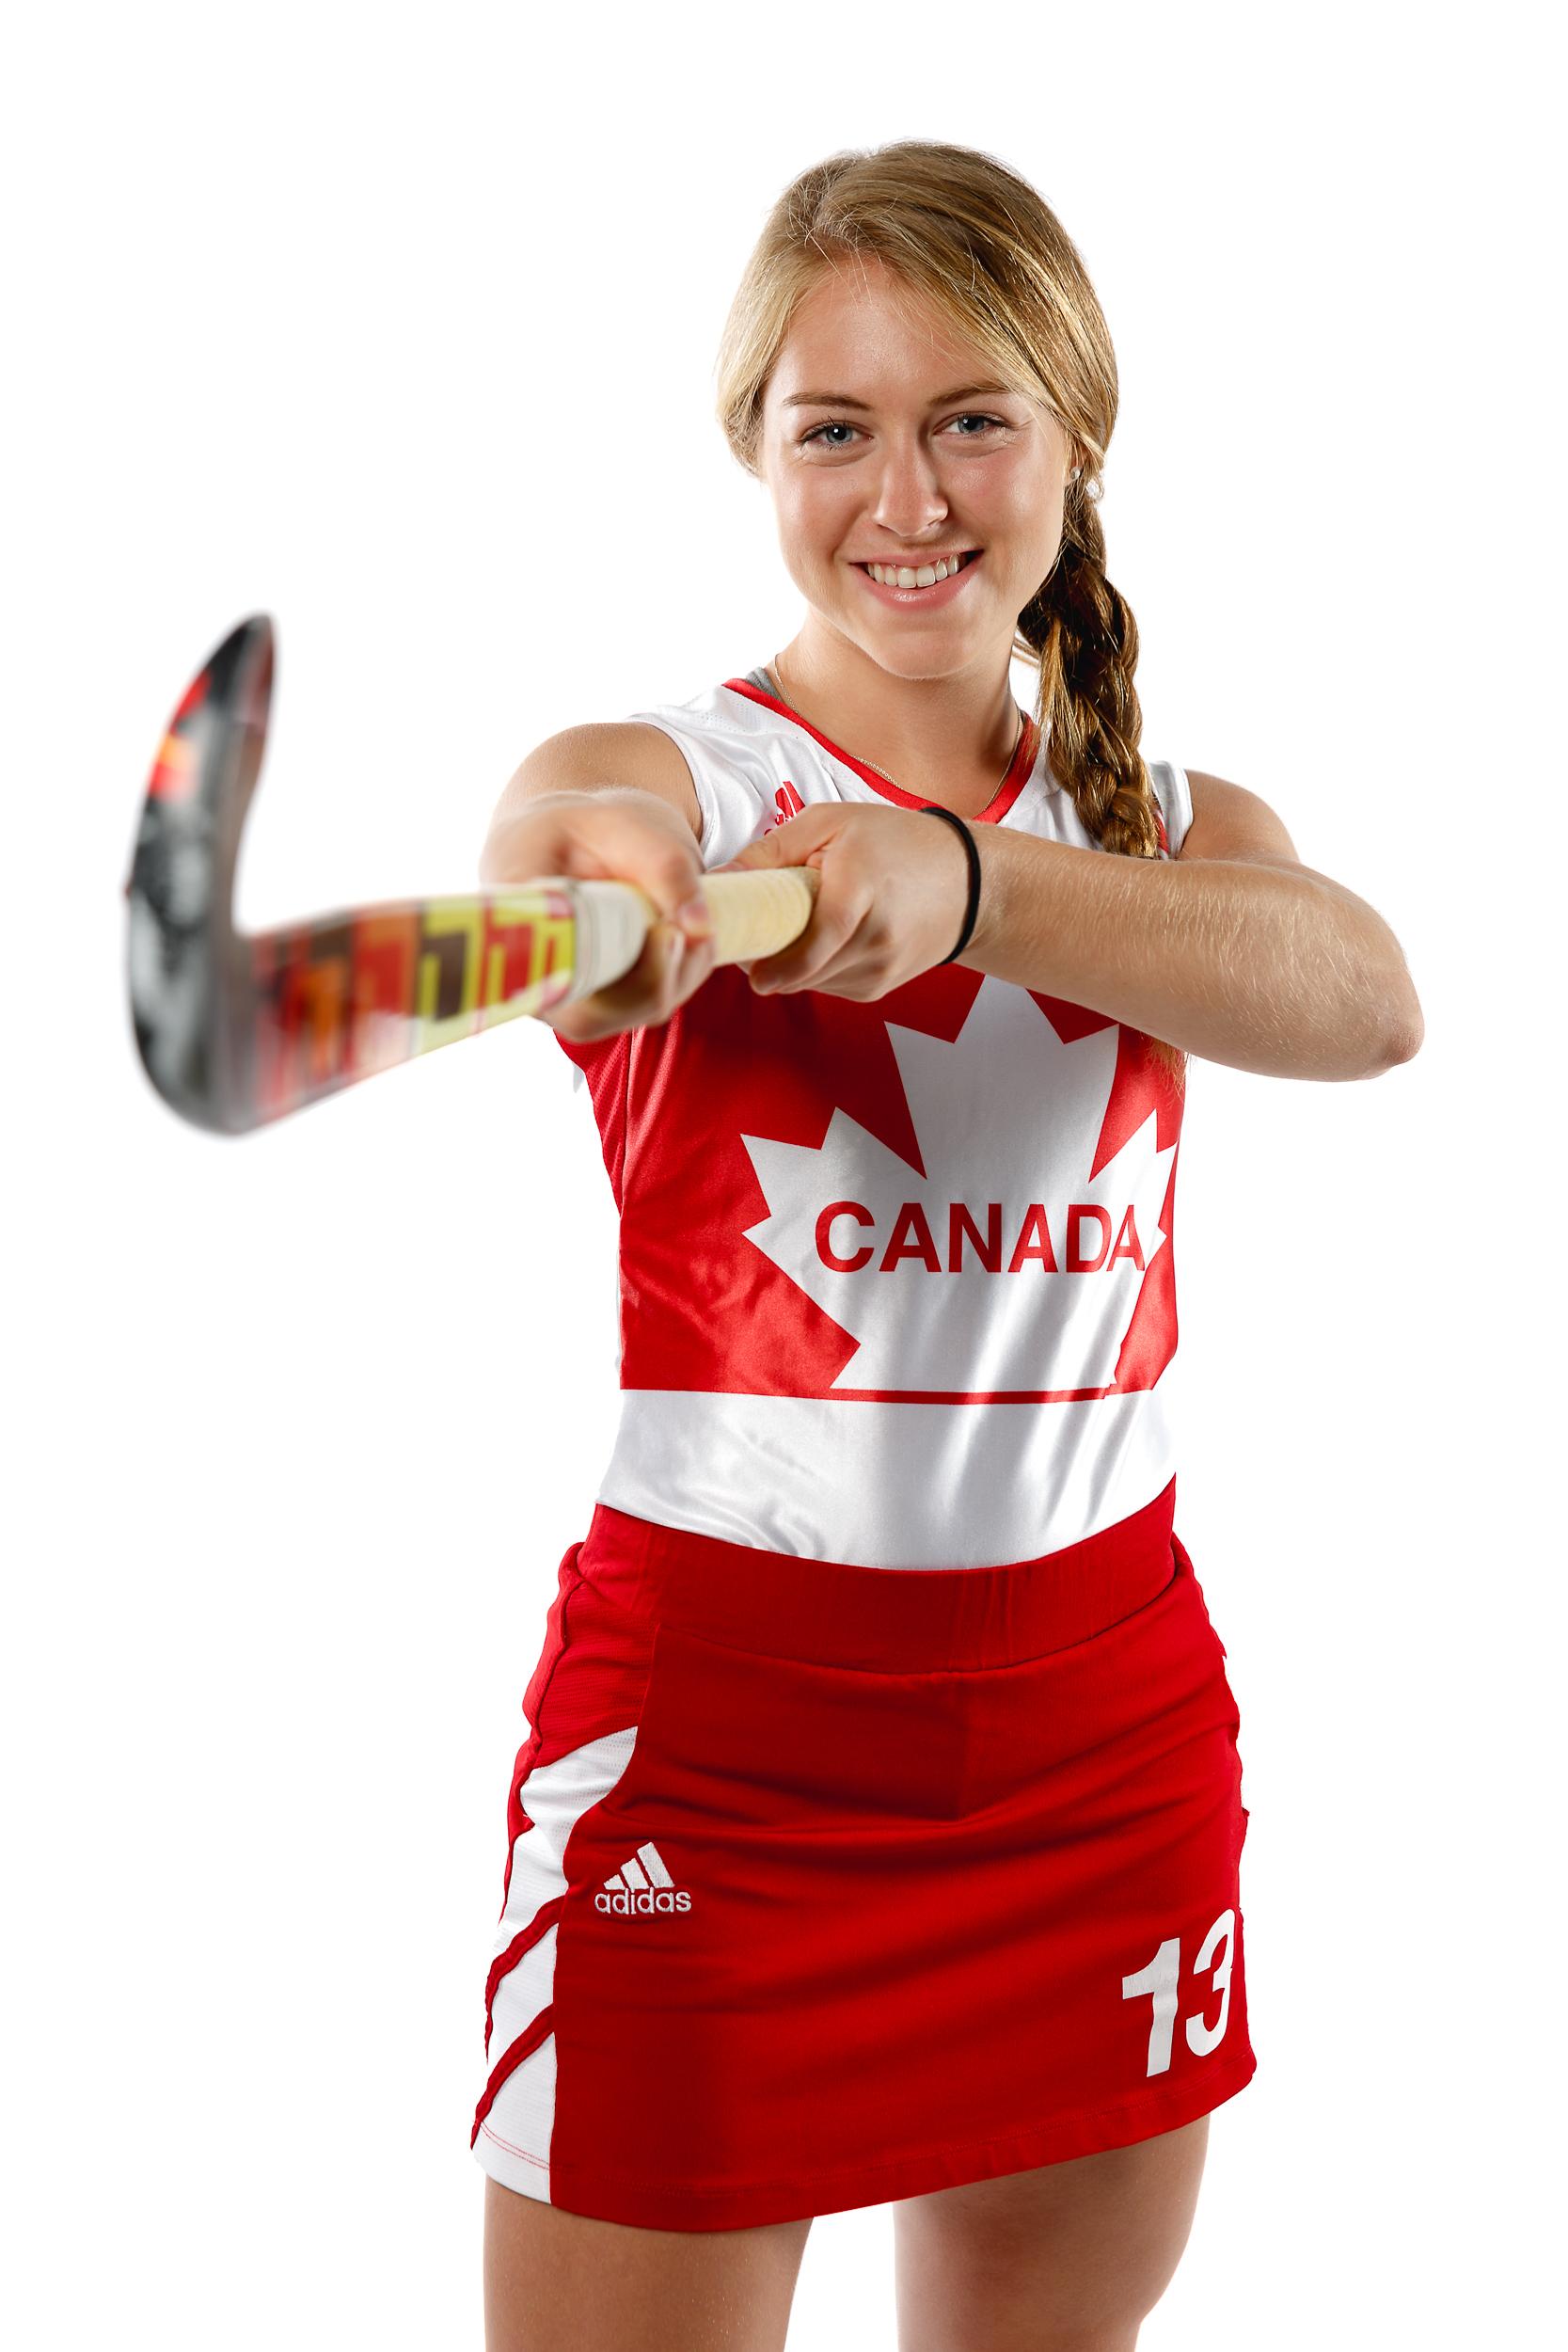 Field-Hockey-Canada-photo1.jpg